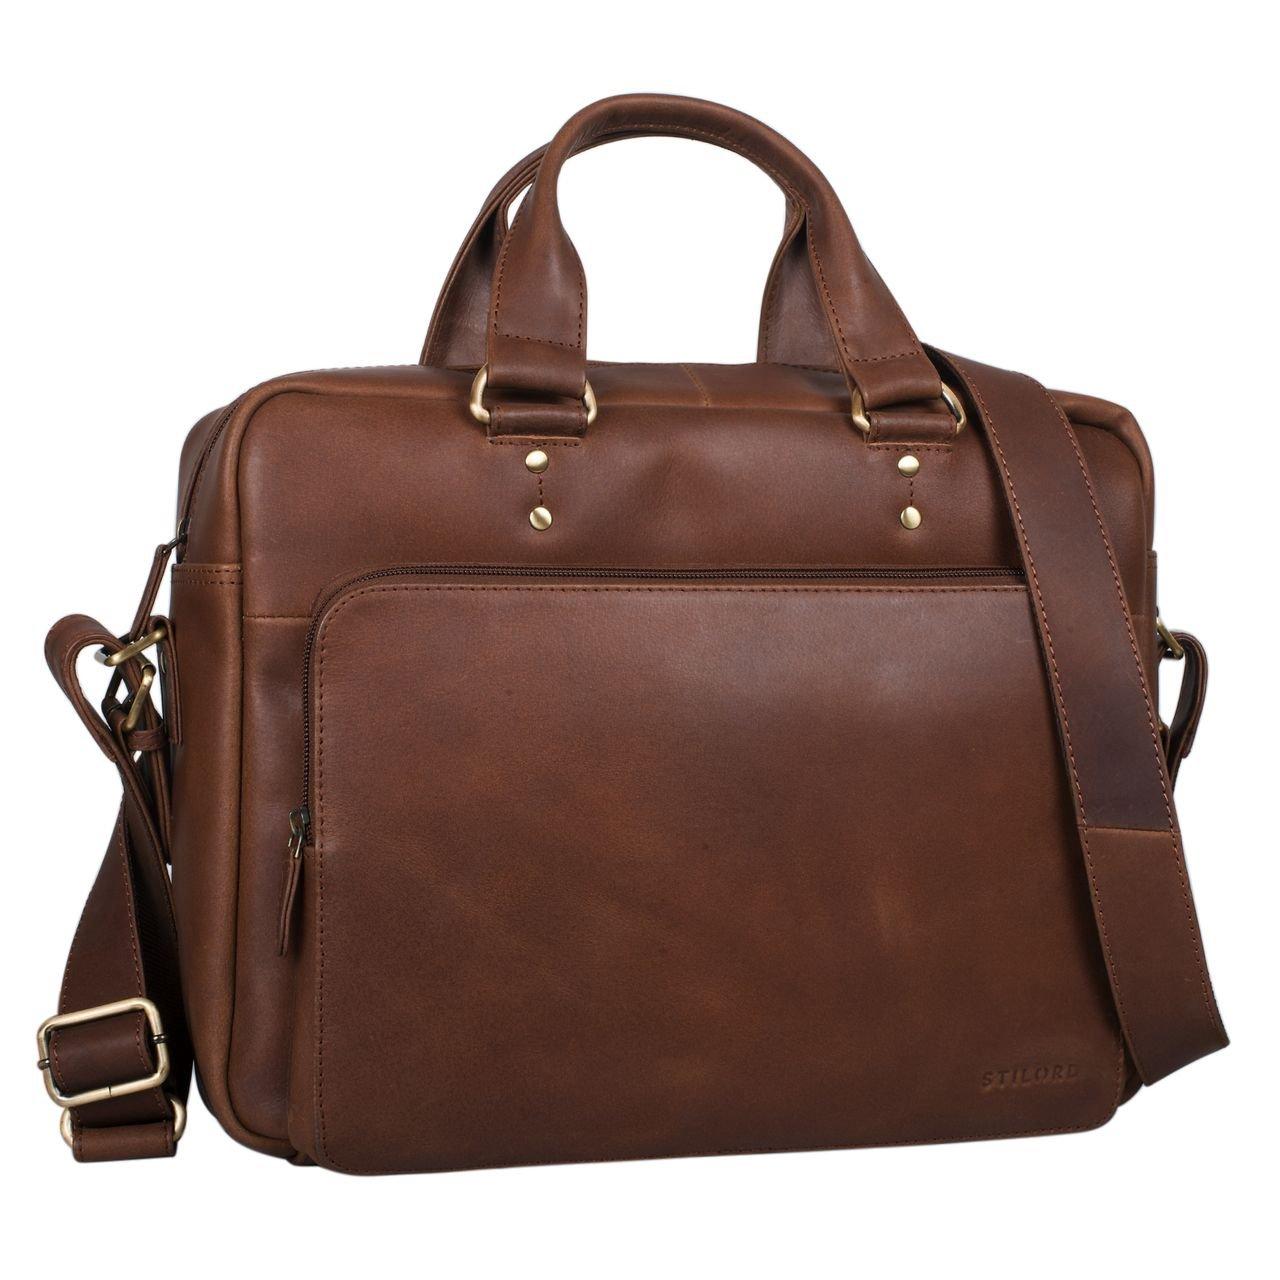 STILORD 'Joshua' Vintage Businesstasche Leder groß Herren Laptoptasche 13.3 Zoll Bürotasche Aktentasche Dokumententasche Umhängetasche echtes Rinds-Leder, Farbe:Cognac